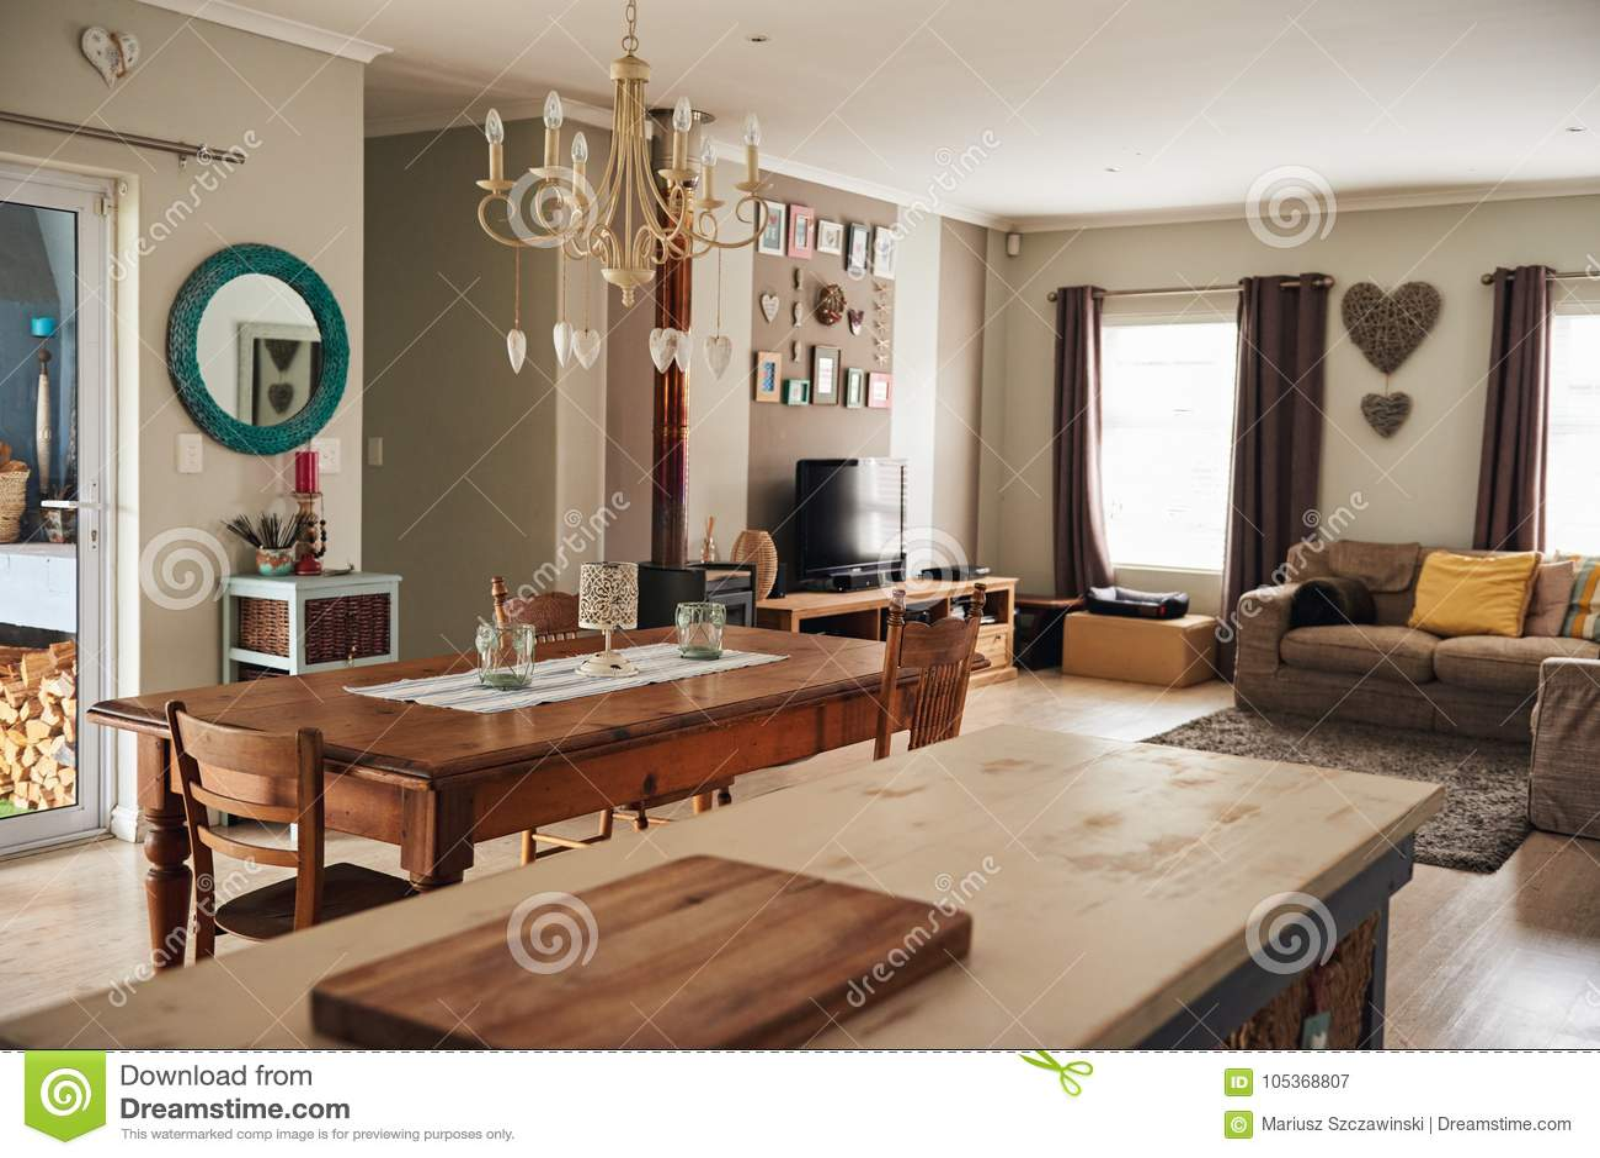 Intérieur Du Salon Confortable D\'une Maison Contemporaine Image ...